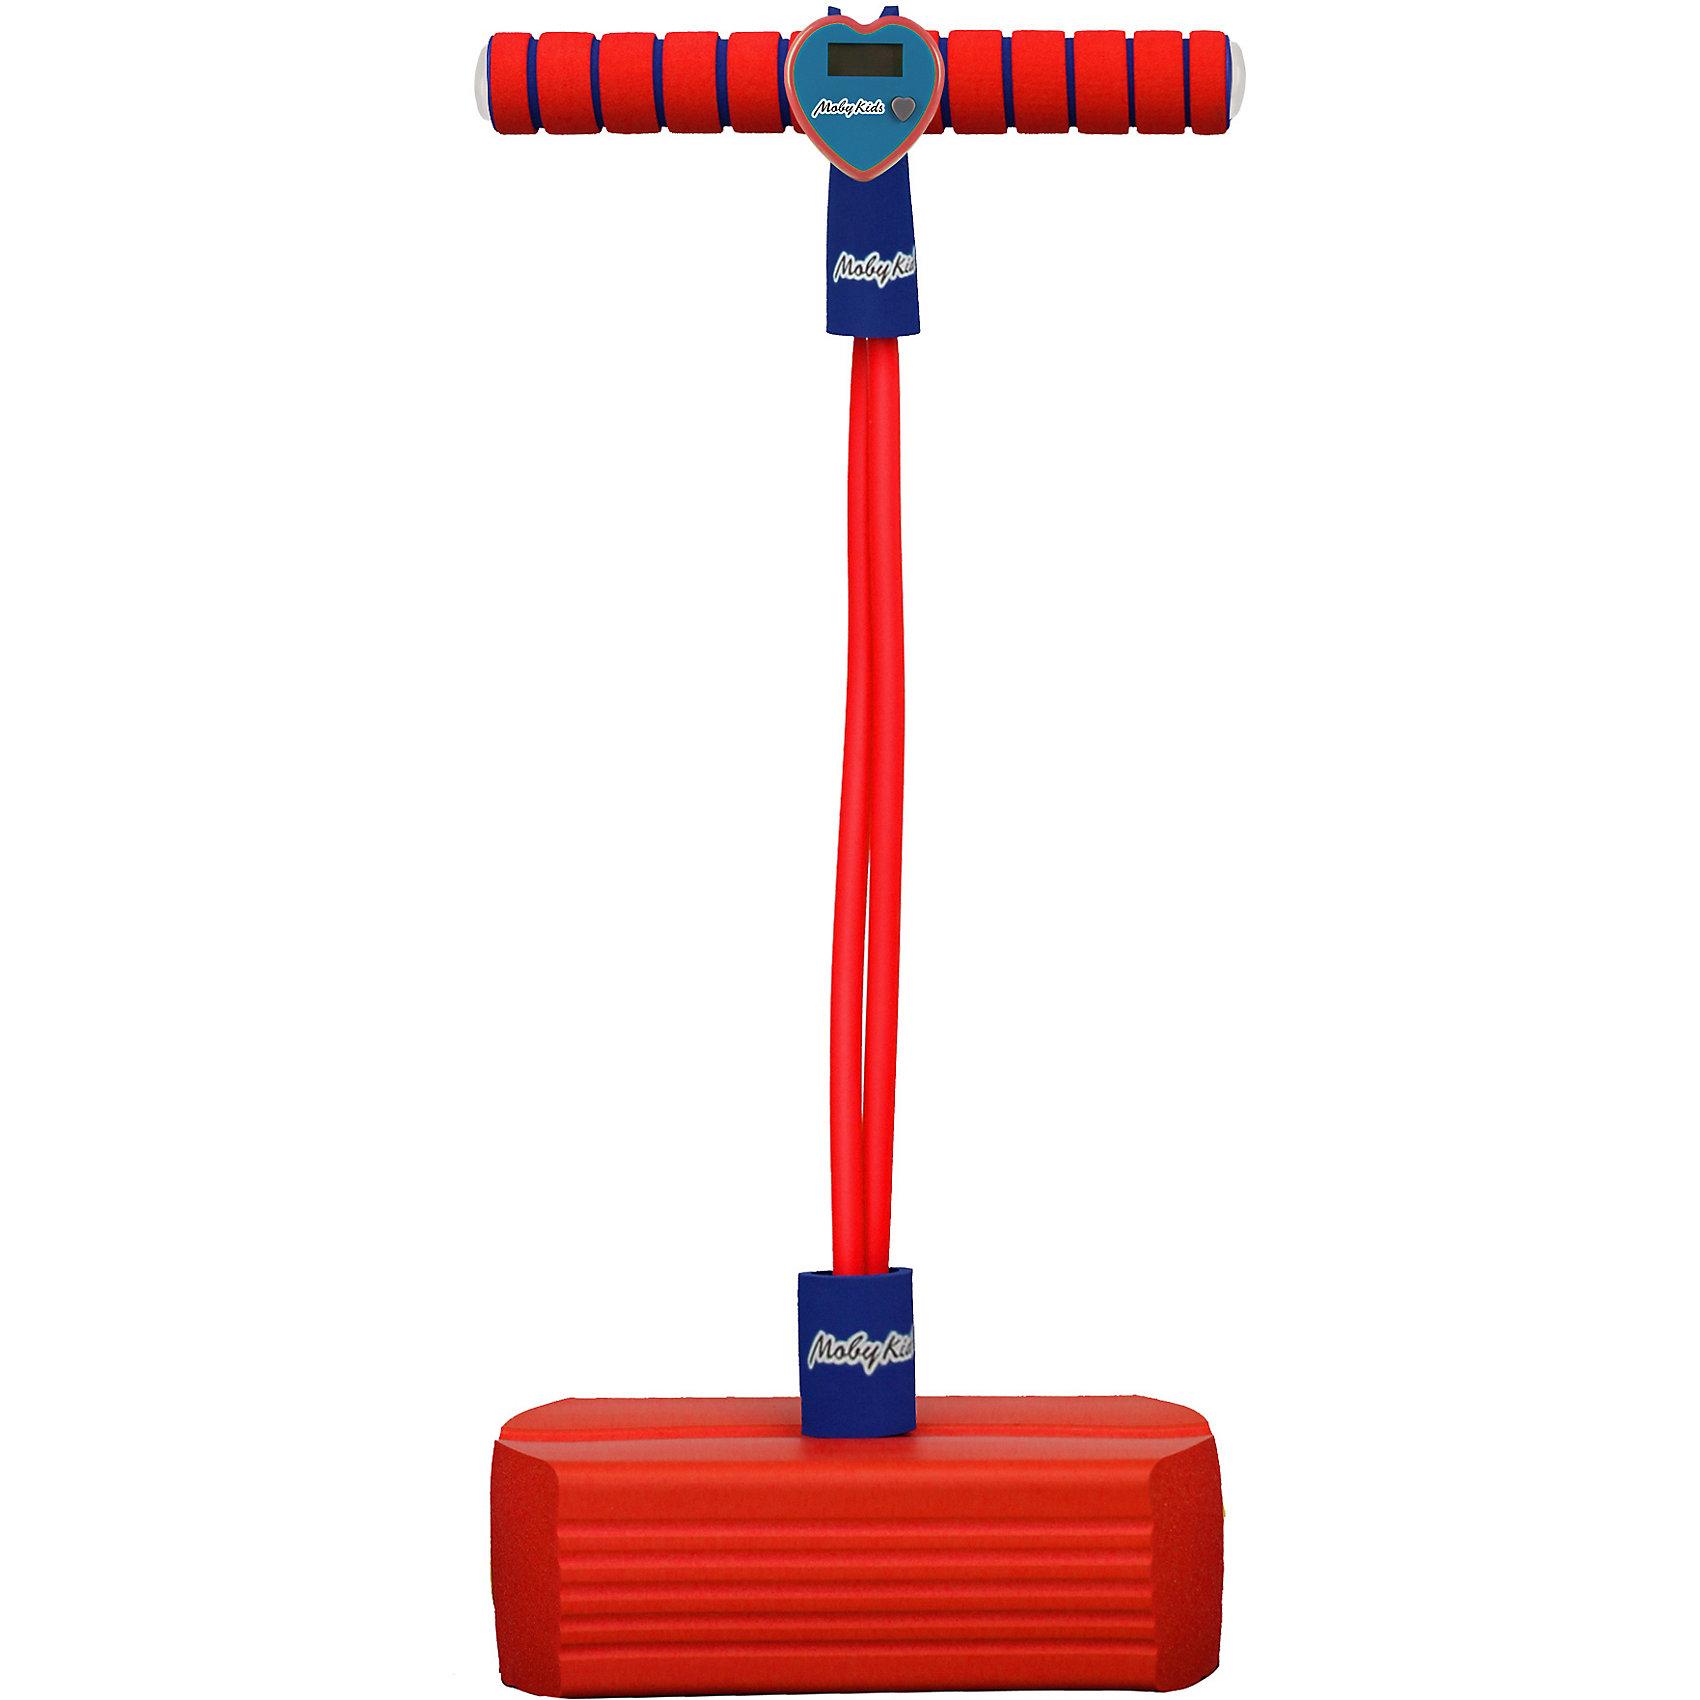 Moby Kids / Тренажер для прыжков Moby-Jumper со счетчиком, светом и звуком, красный